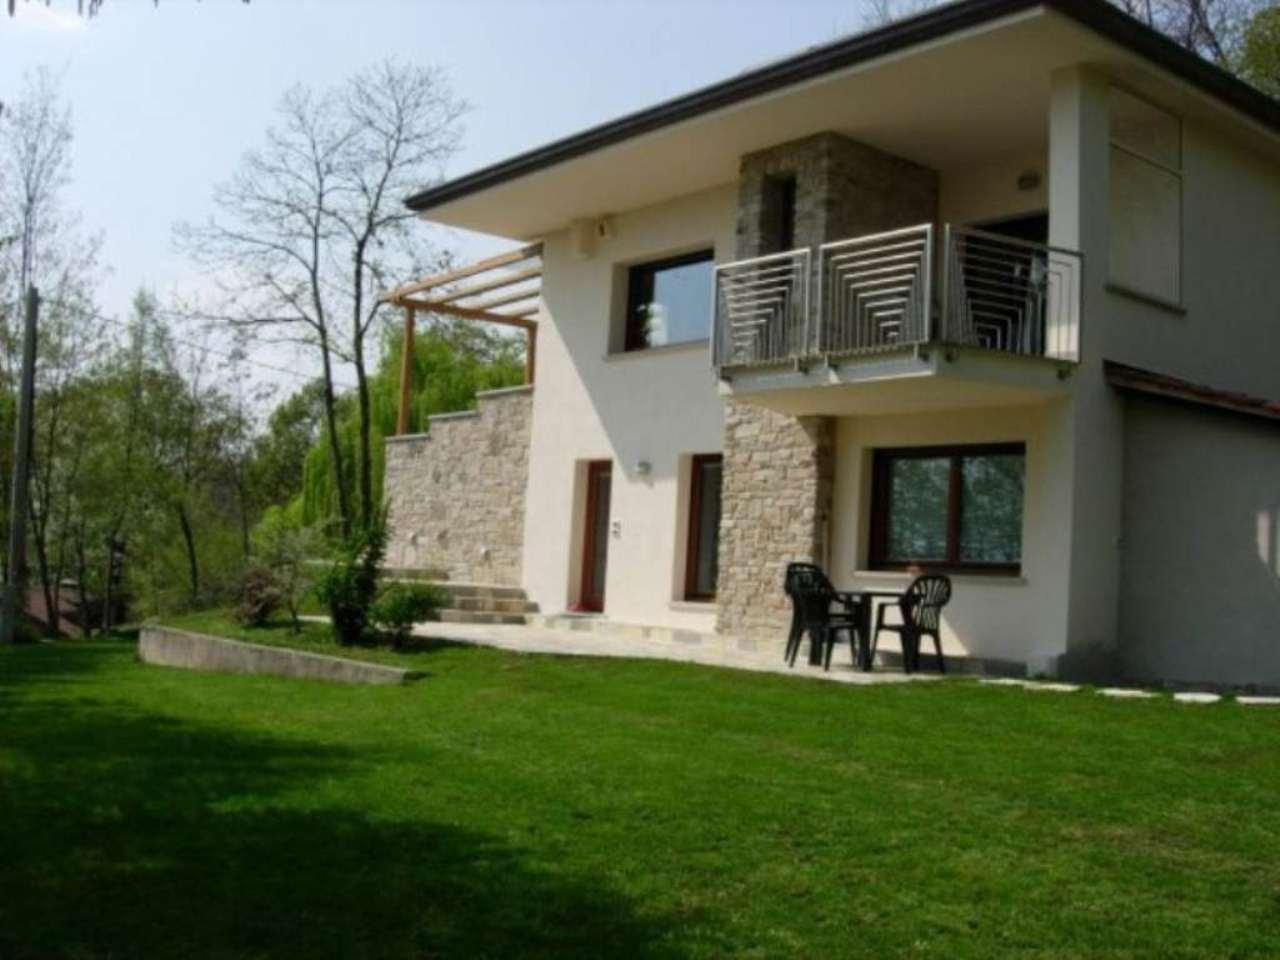 Villa in vendita a Torreano, 5 locali, Trattative riservate | Cambio Casa.it